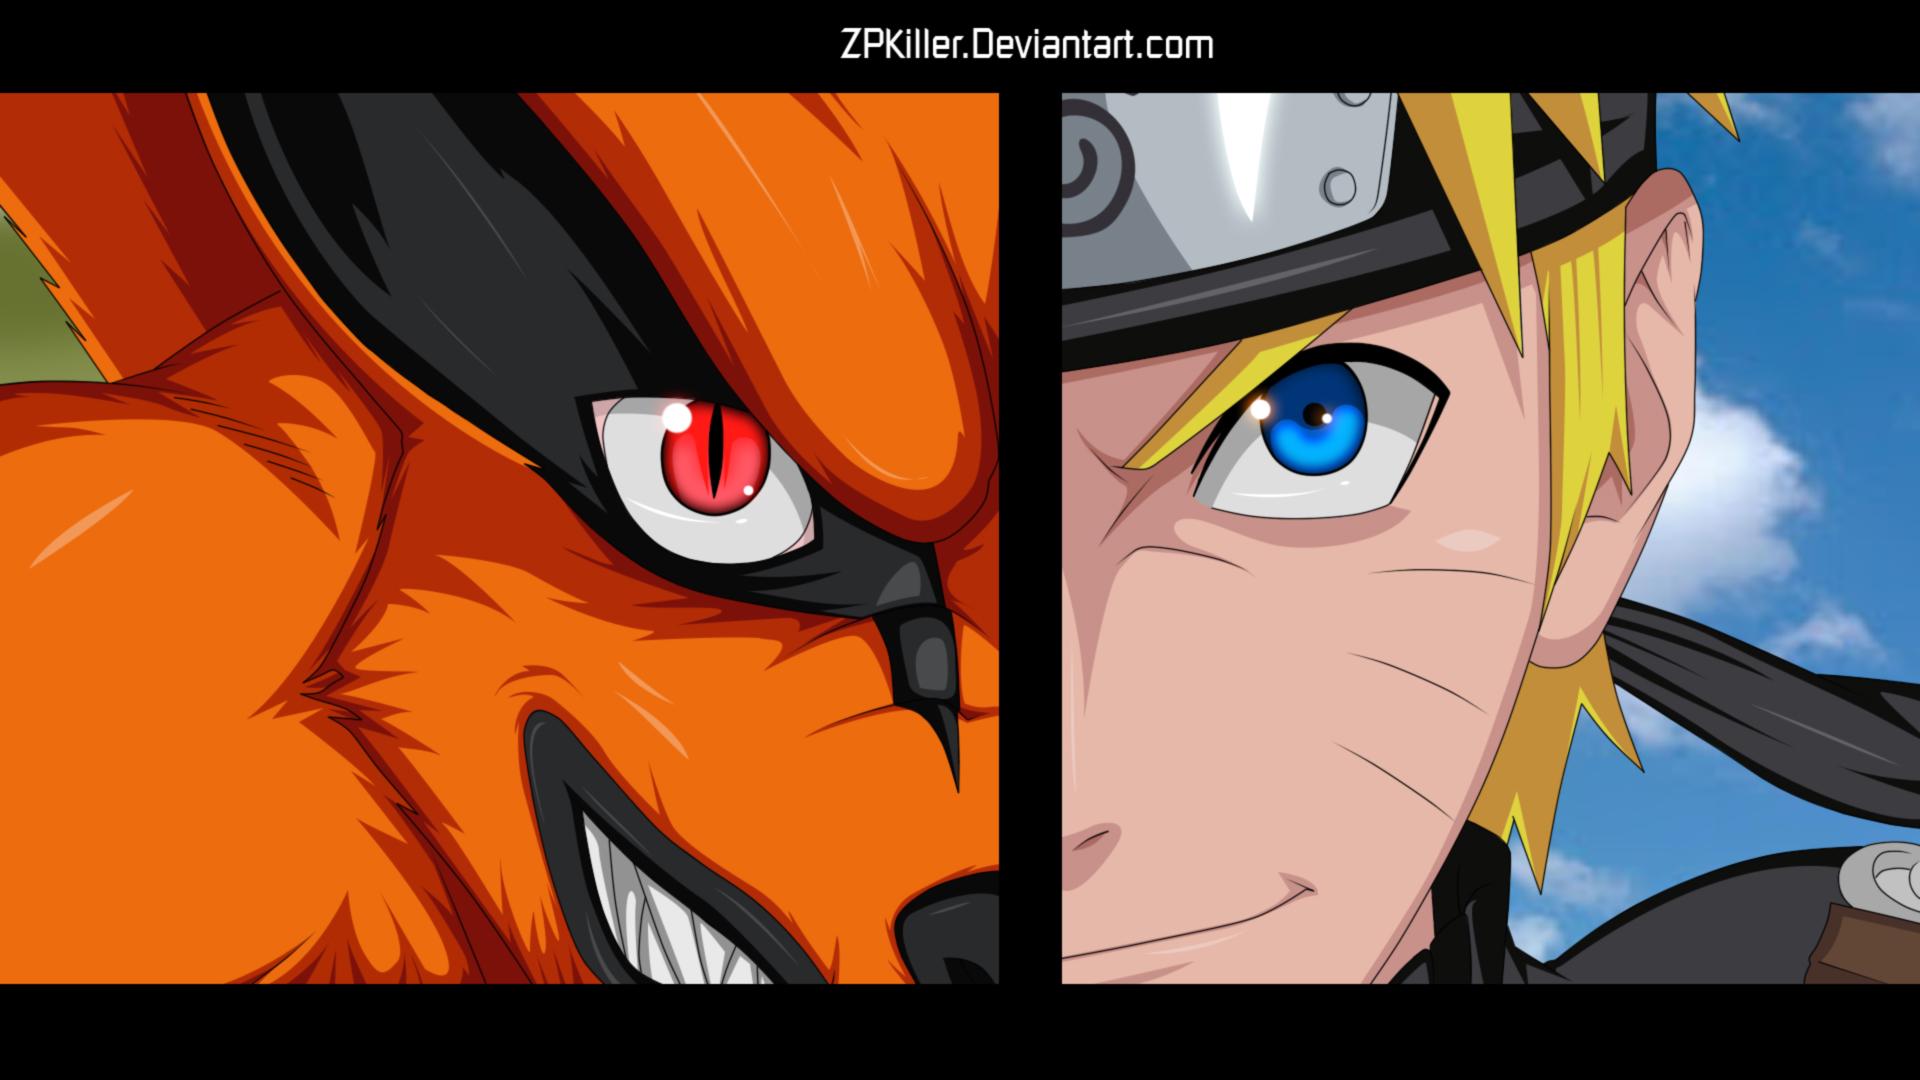 Fantastic Wallpaper Naruto Face - kurama_and_naruto_wallpapper_by_zpkiller-d6h4ro1  Pic_483479.jpg